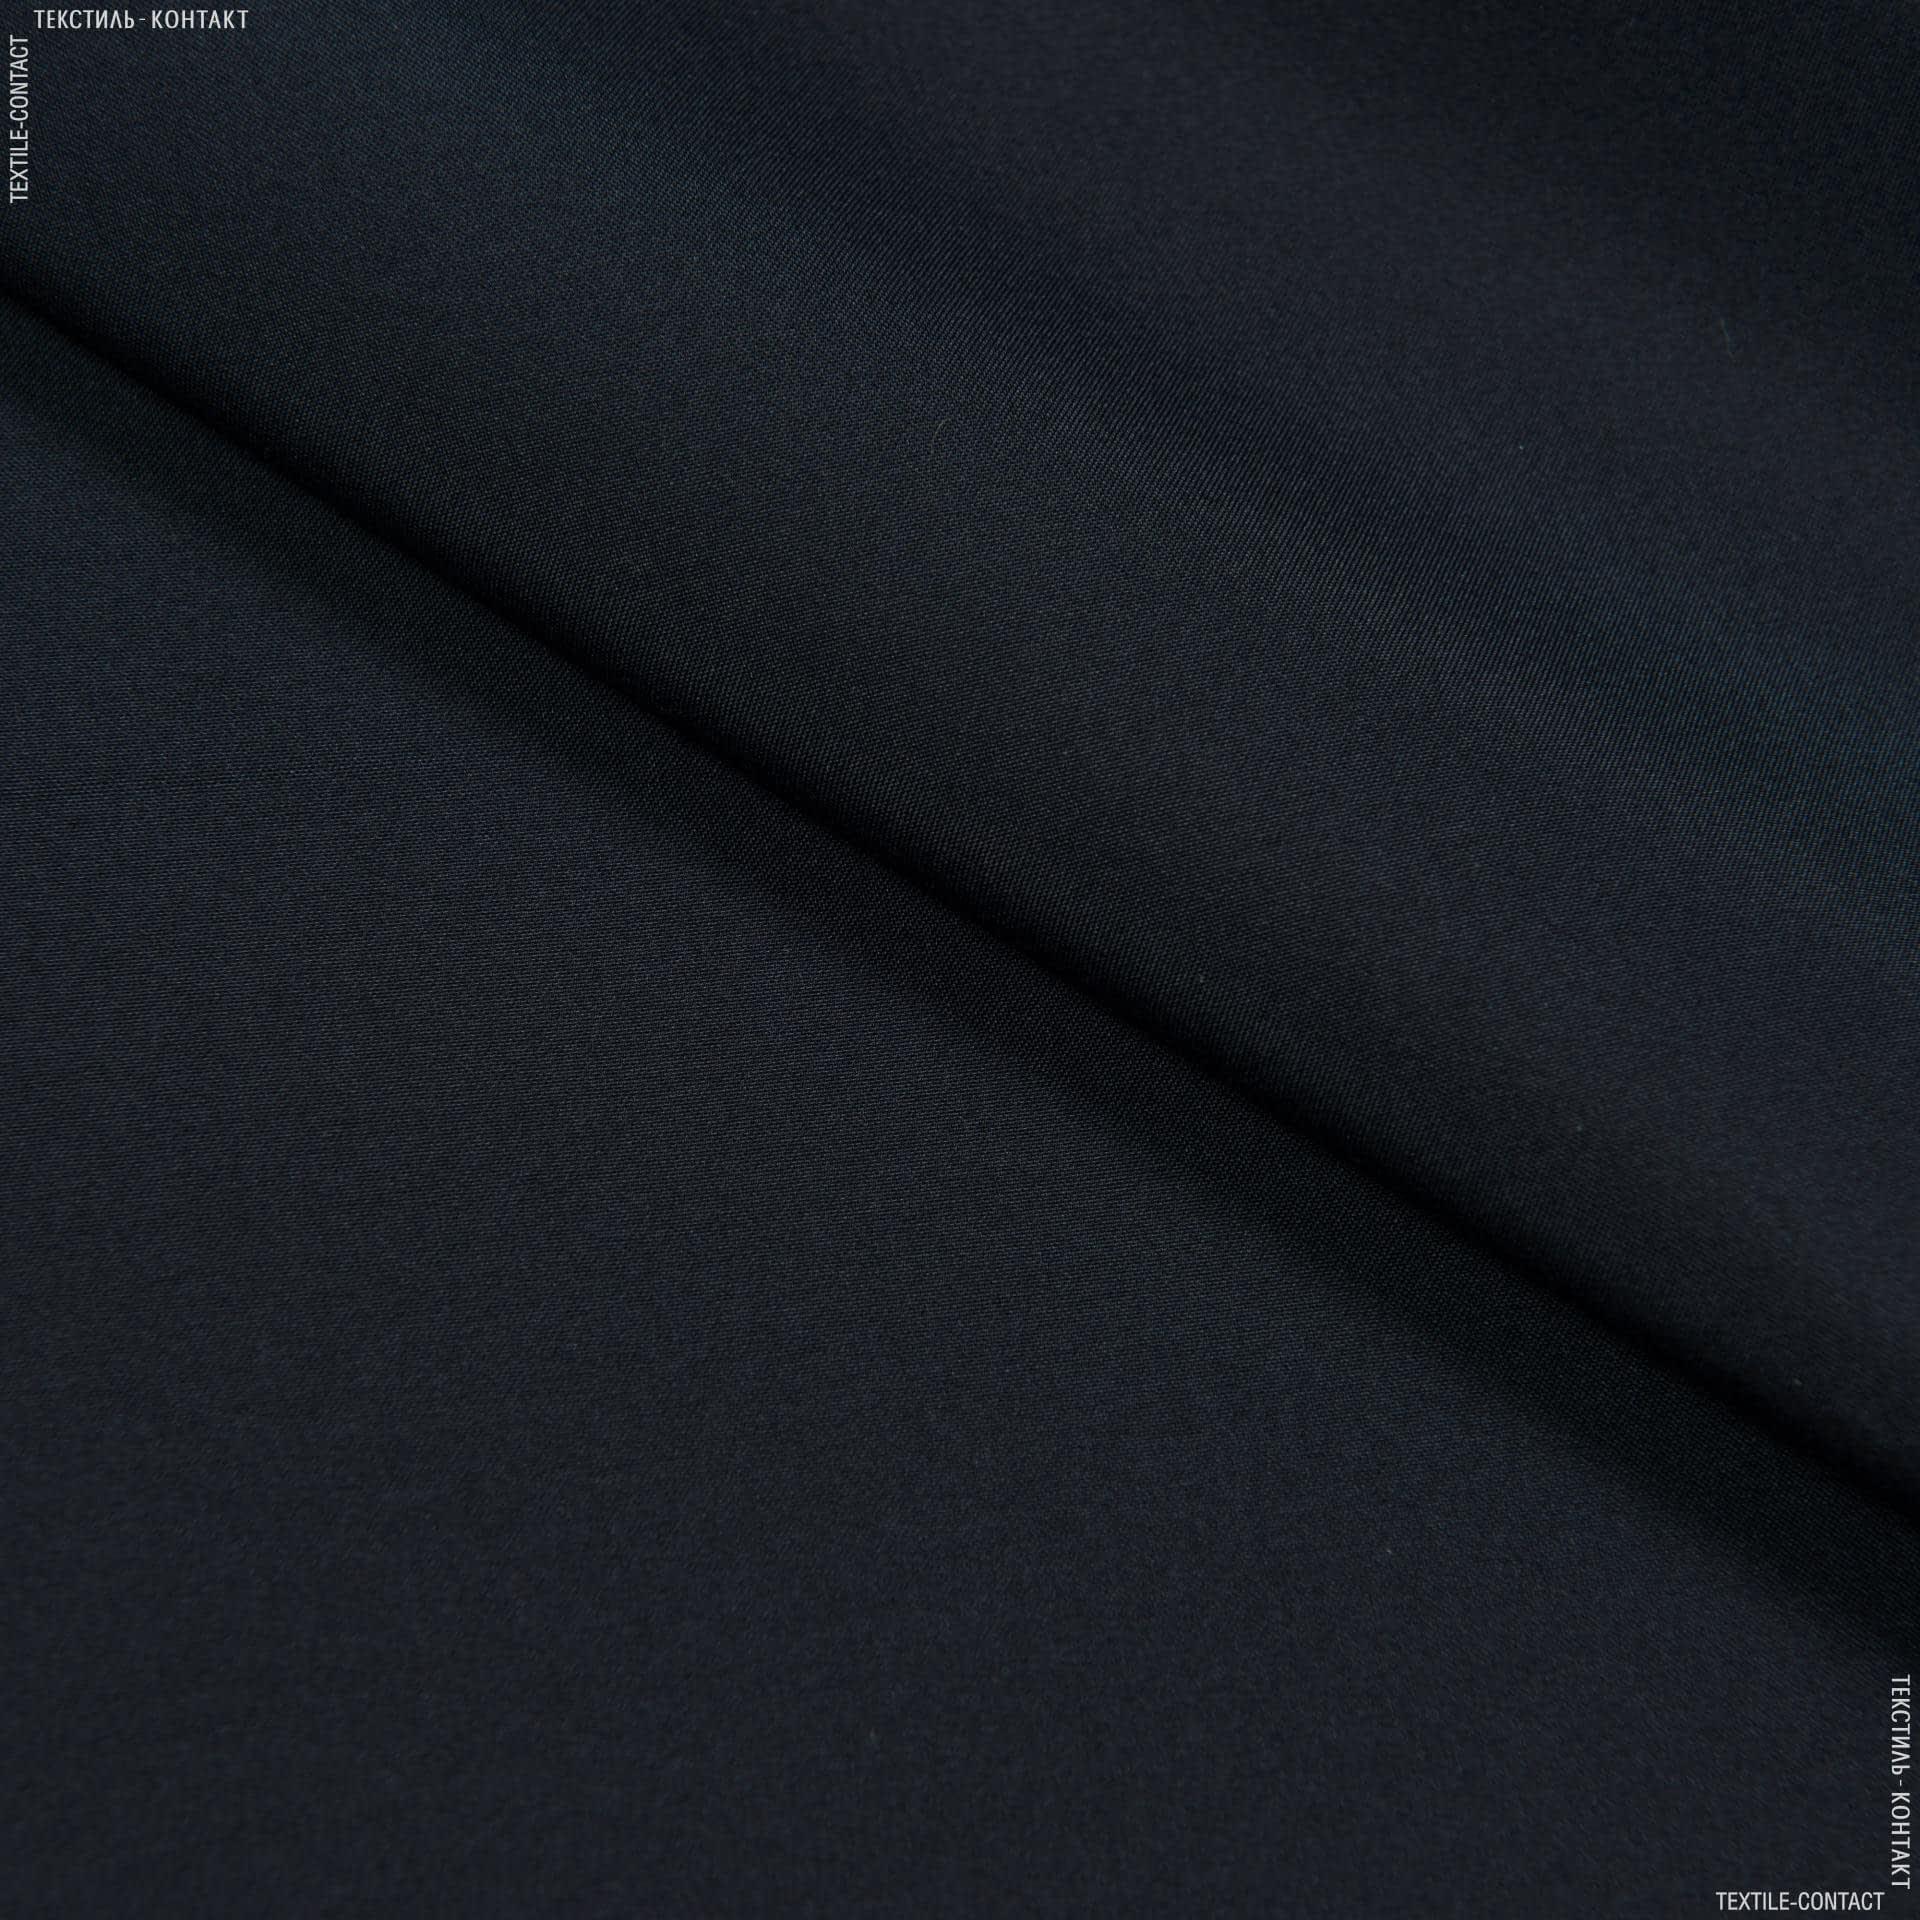 Тканини для верхнього одягу - Плащова бондінг темно-синій